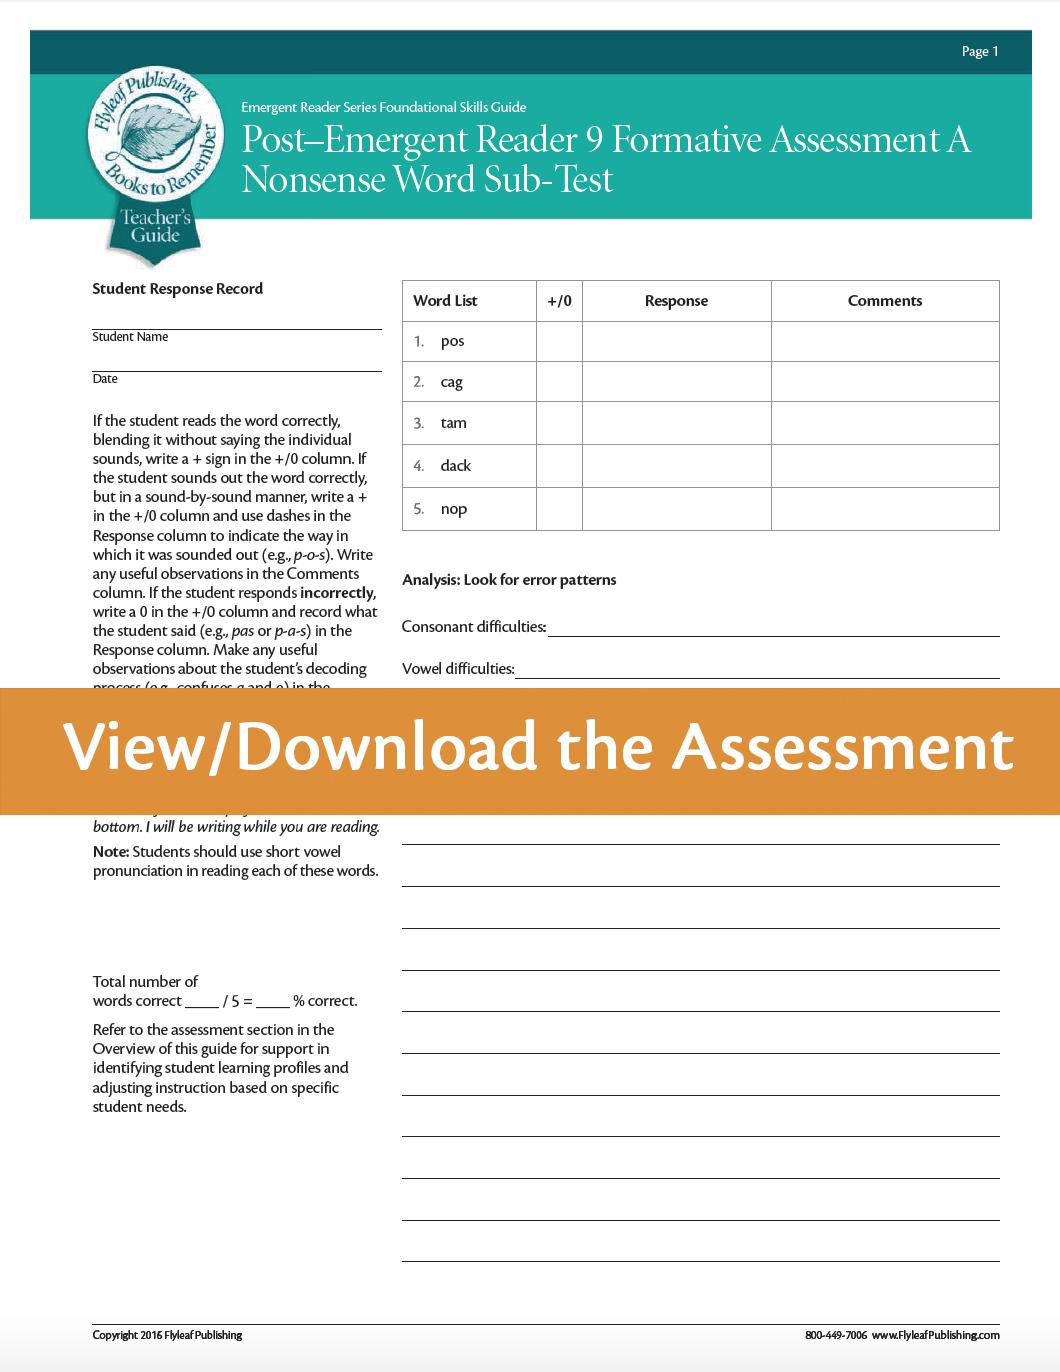 post-er-9-assessment-orange.jpg